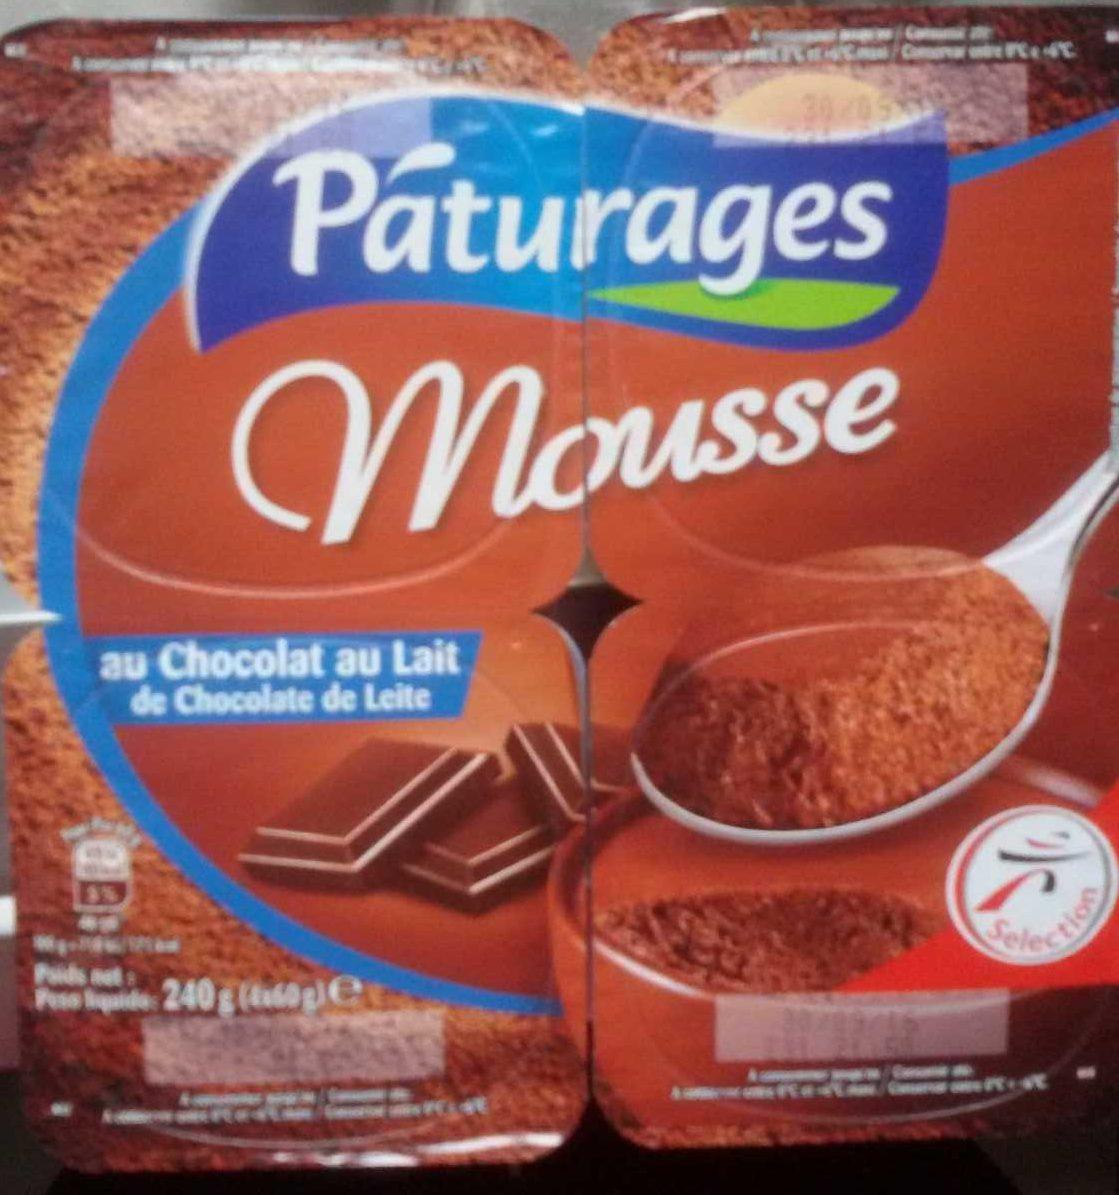 Mousse Au Chocolat Au Lait Paturages 240 G E 4 60 G